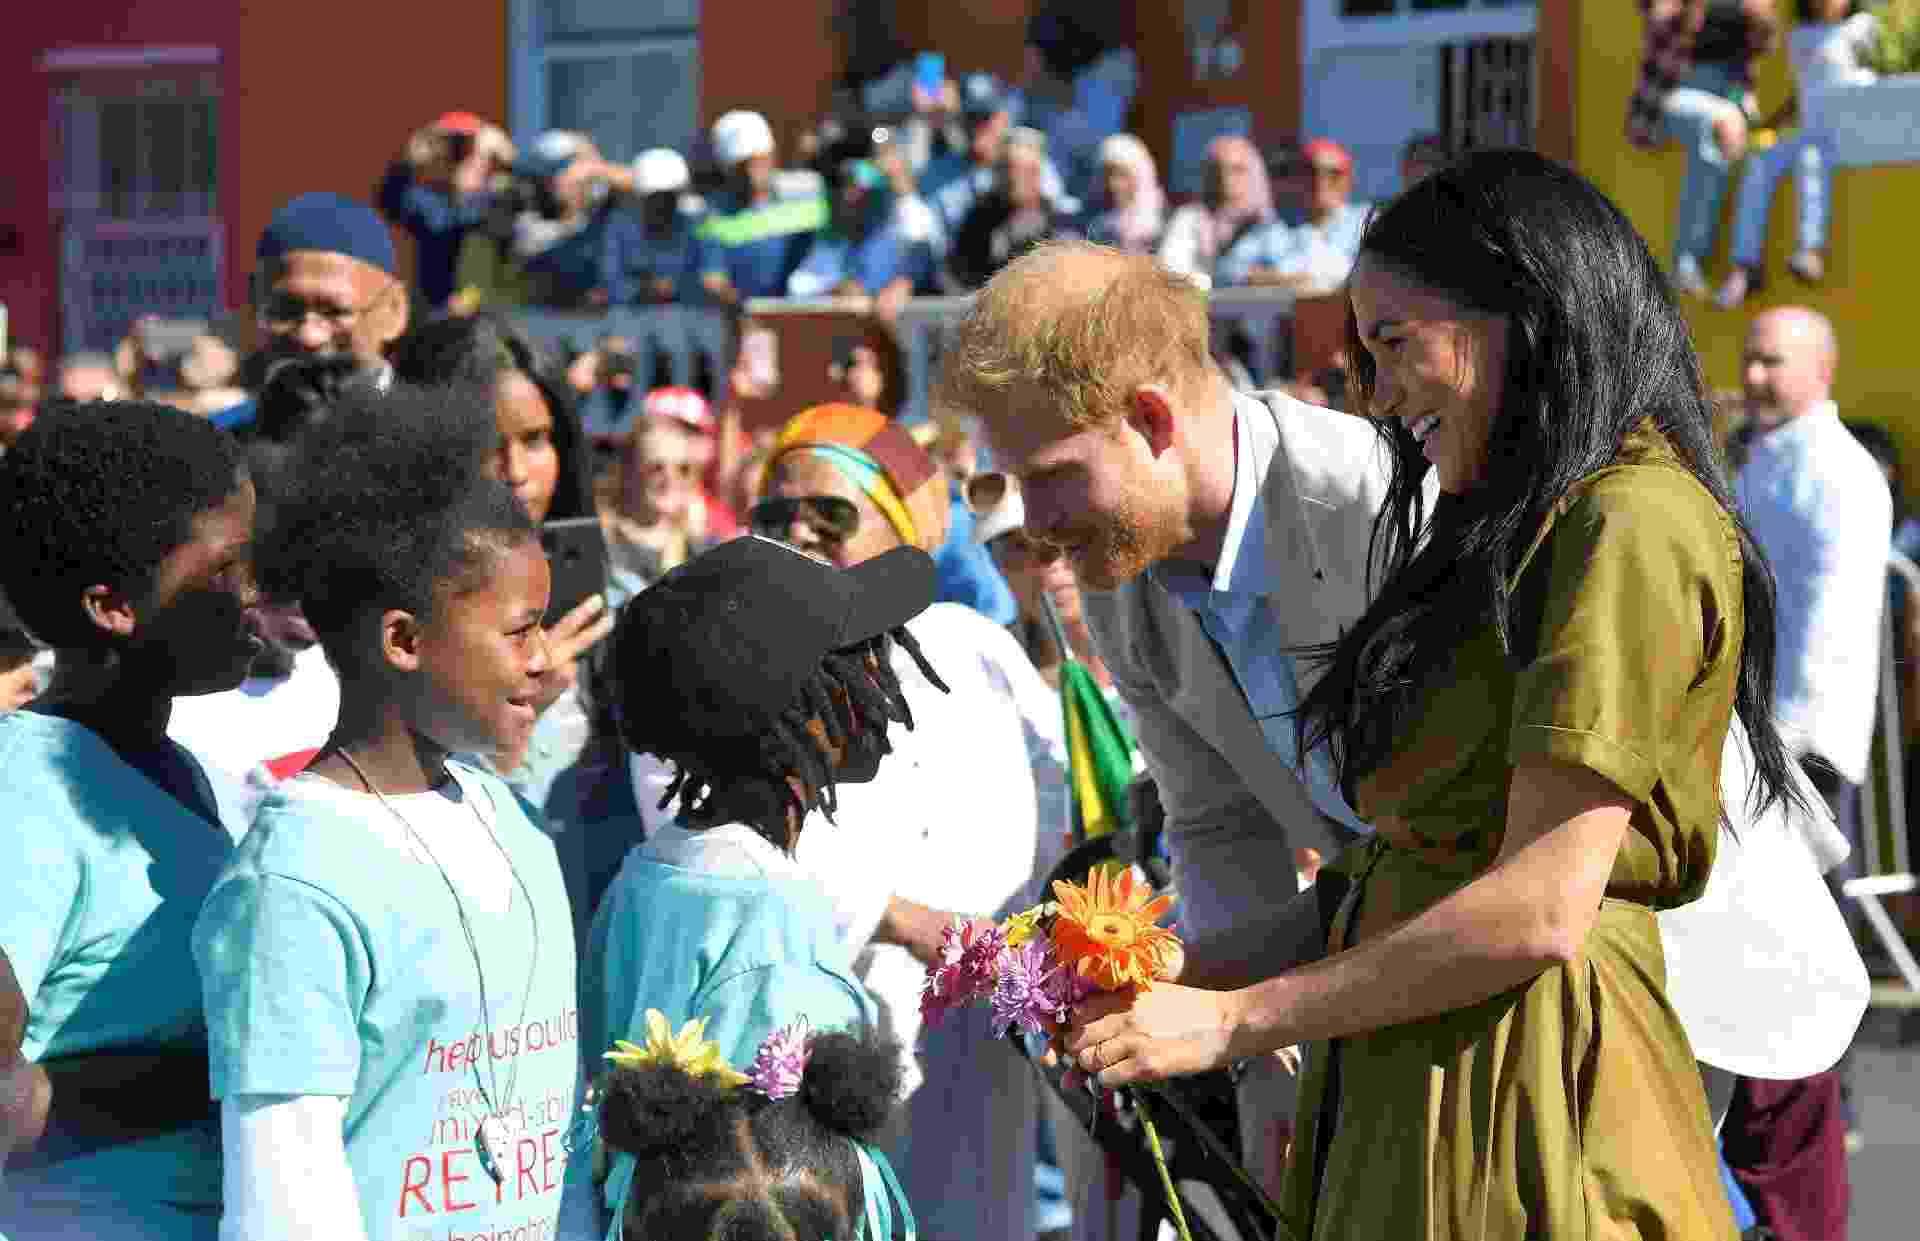 Príncipe Harry e Meghan participam de celebração realizada em Cape Town, na África do Sul - Tobuyty Melvile/Reuters